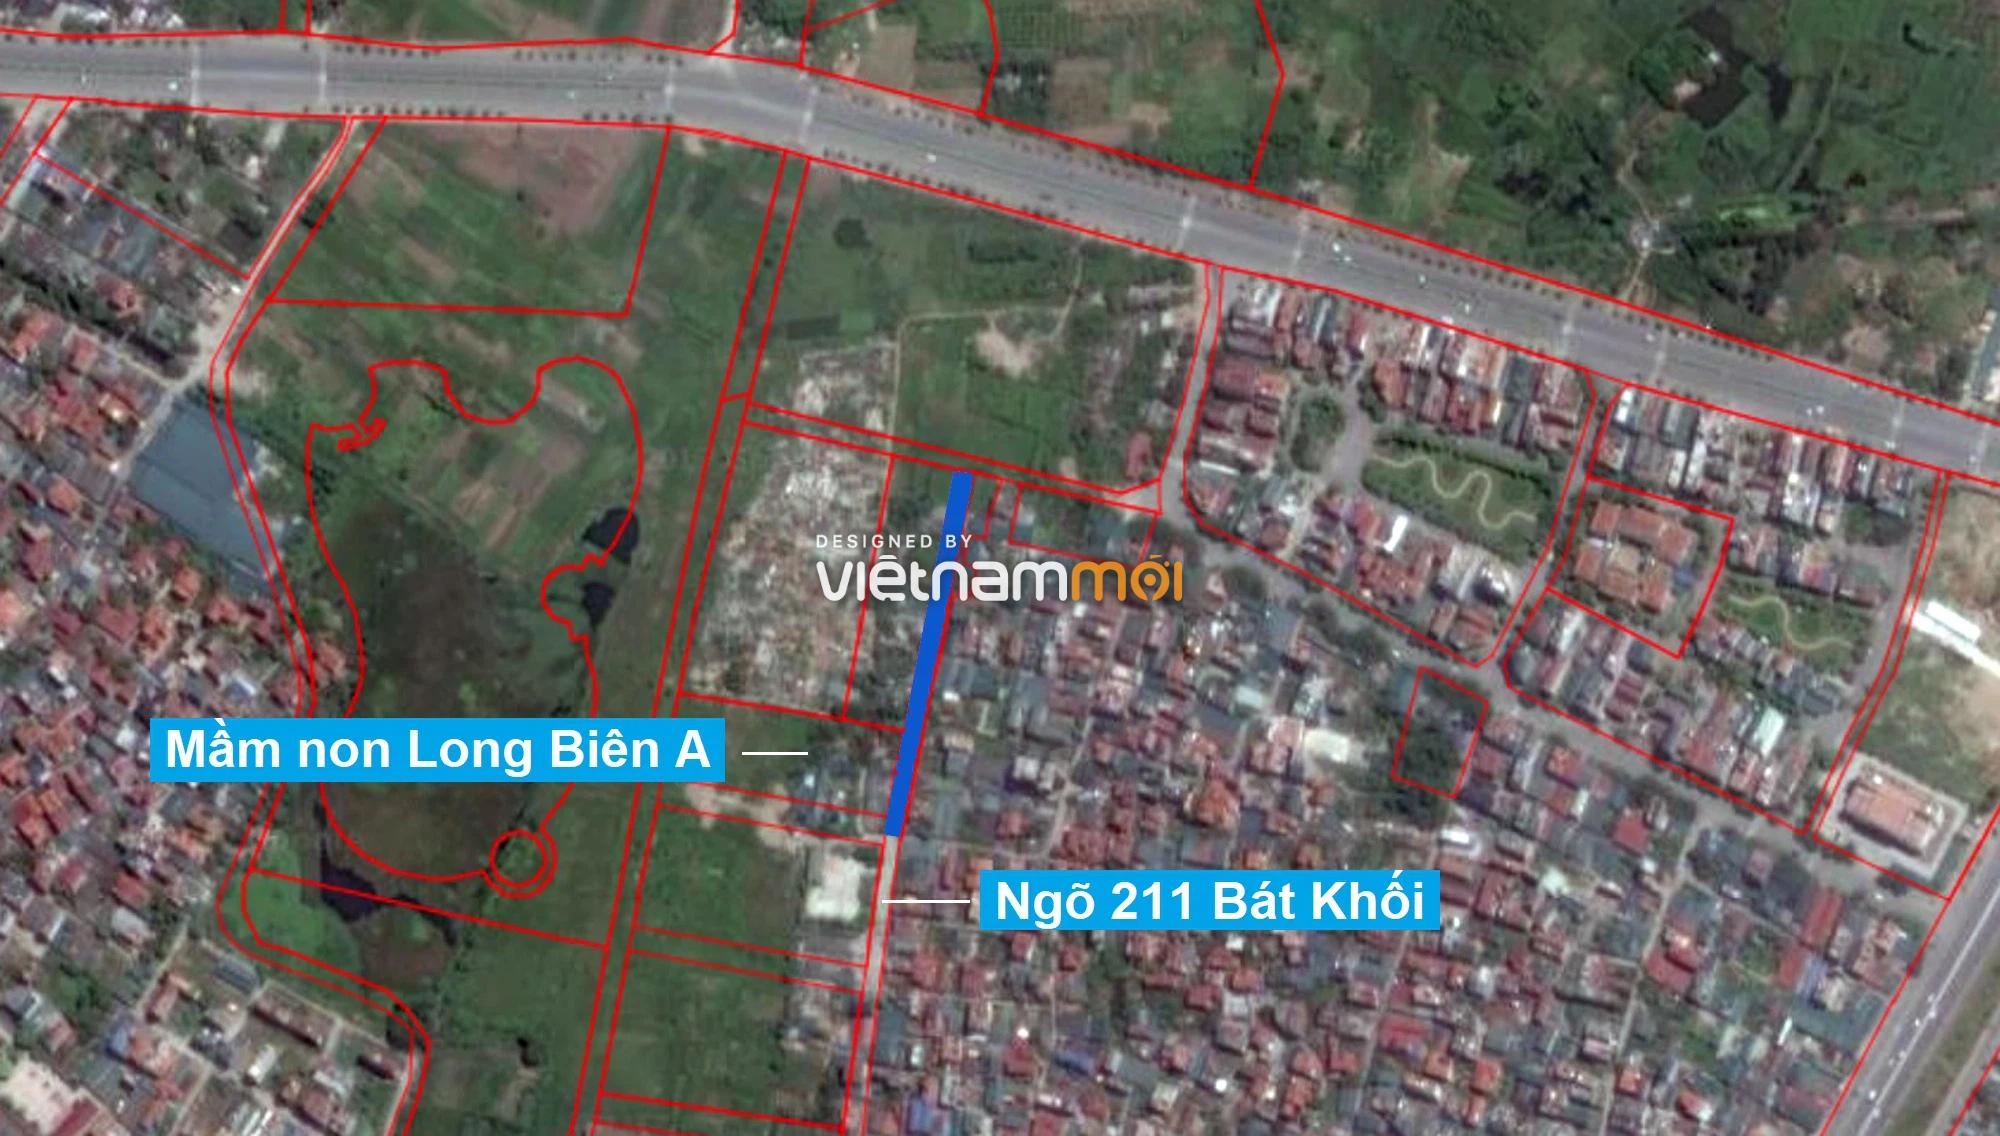 Những khu đất sắp thu hồi để mở đường ở phường Long Biên, Long Biên, Hà Nội (phần 3) - Ảnh 2.